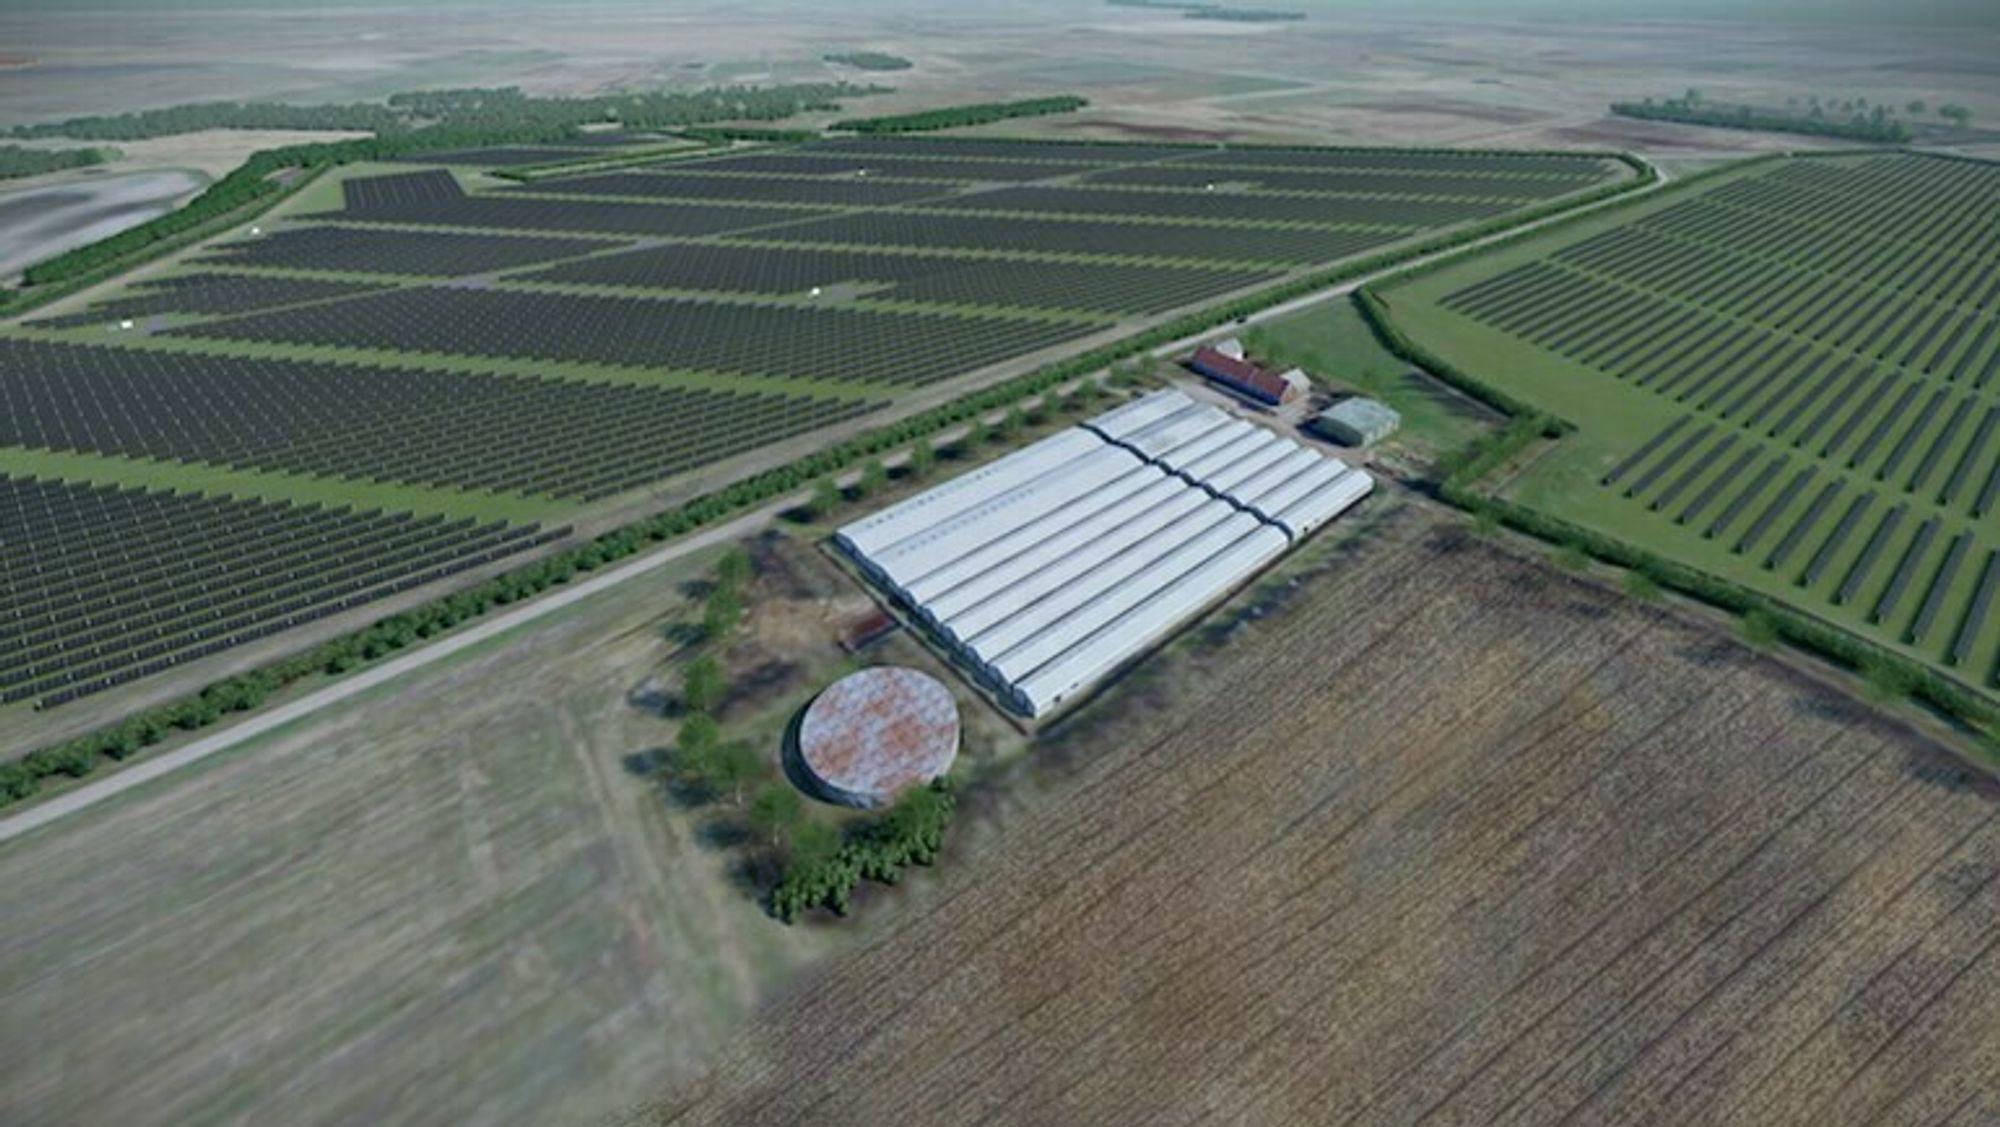 GreenGo Energy vil bygge flere store solenergiparker i Danmark. Parkene finansieres gjennom langsiktige kraftkjøpsavtaler.